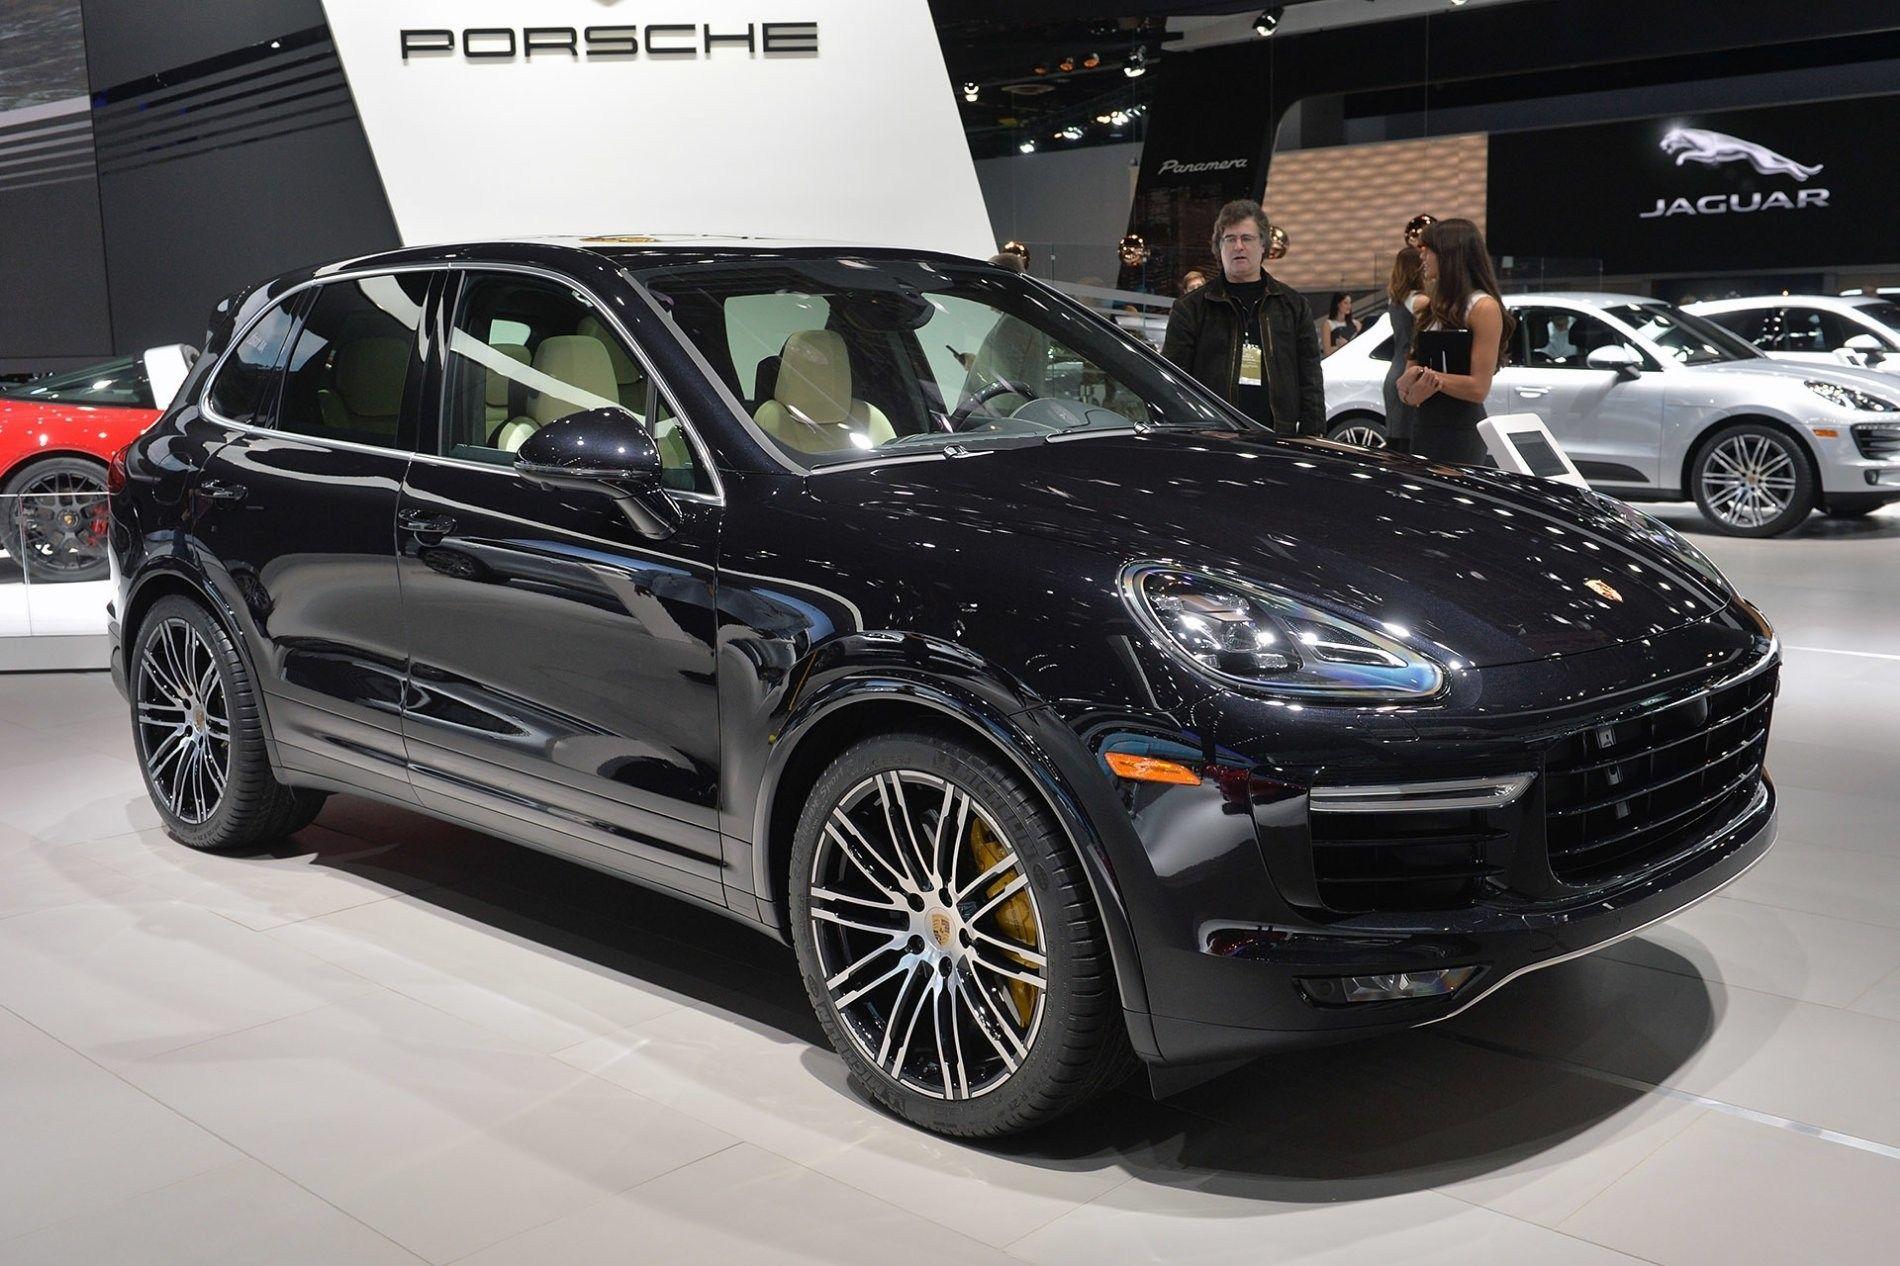 2018 Porsche Cayenne Price Exterior Porsche Suv Cayenne Turbo Porsche Cayenne